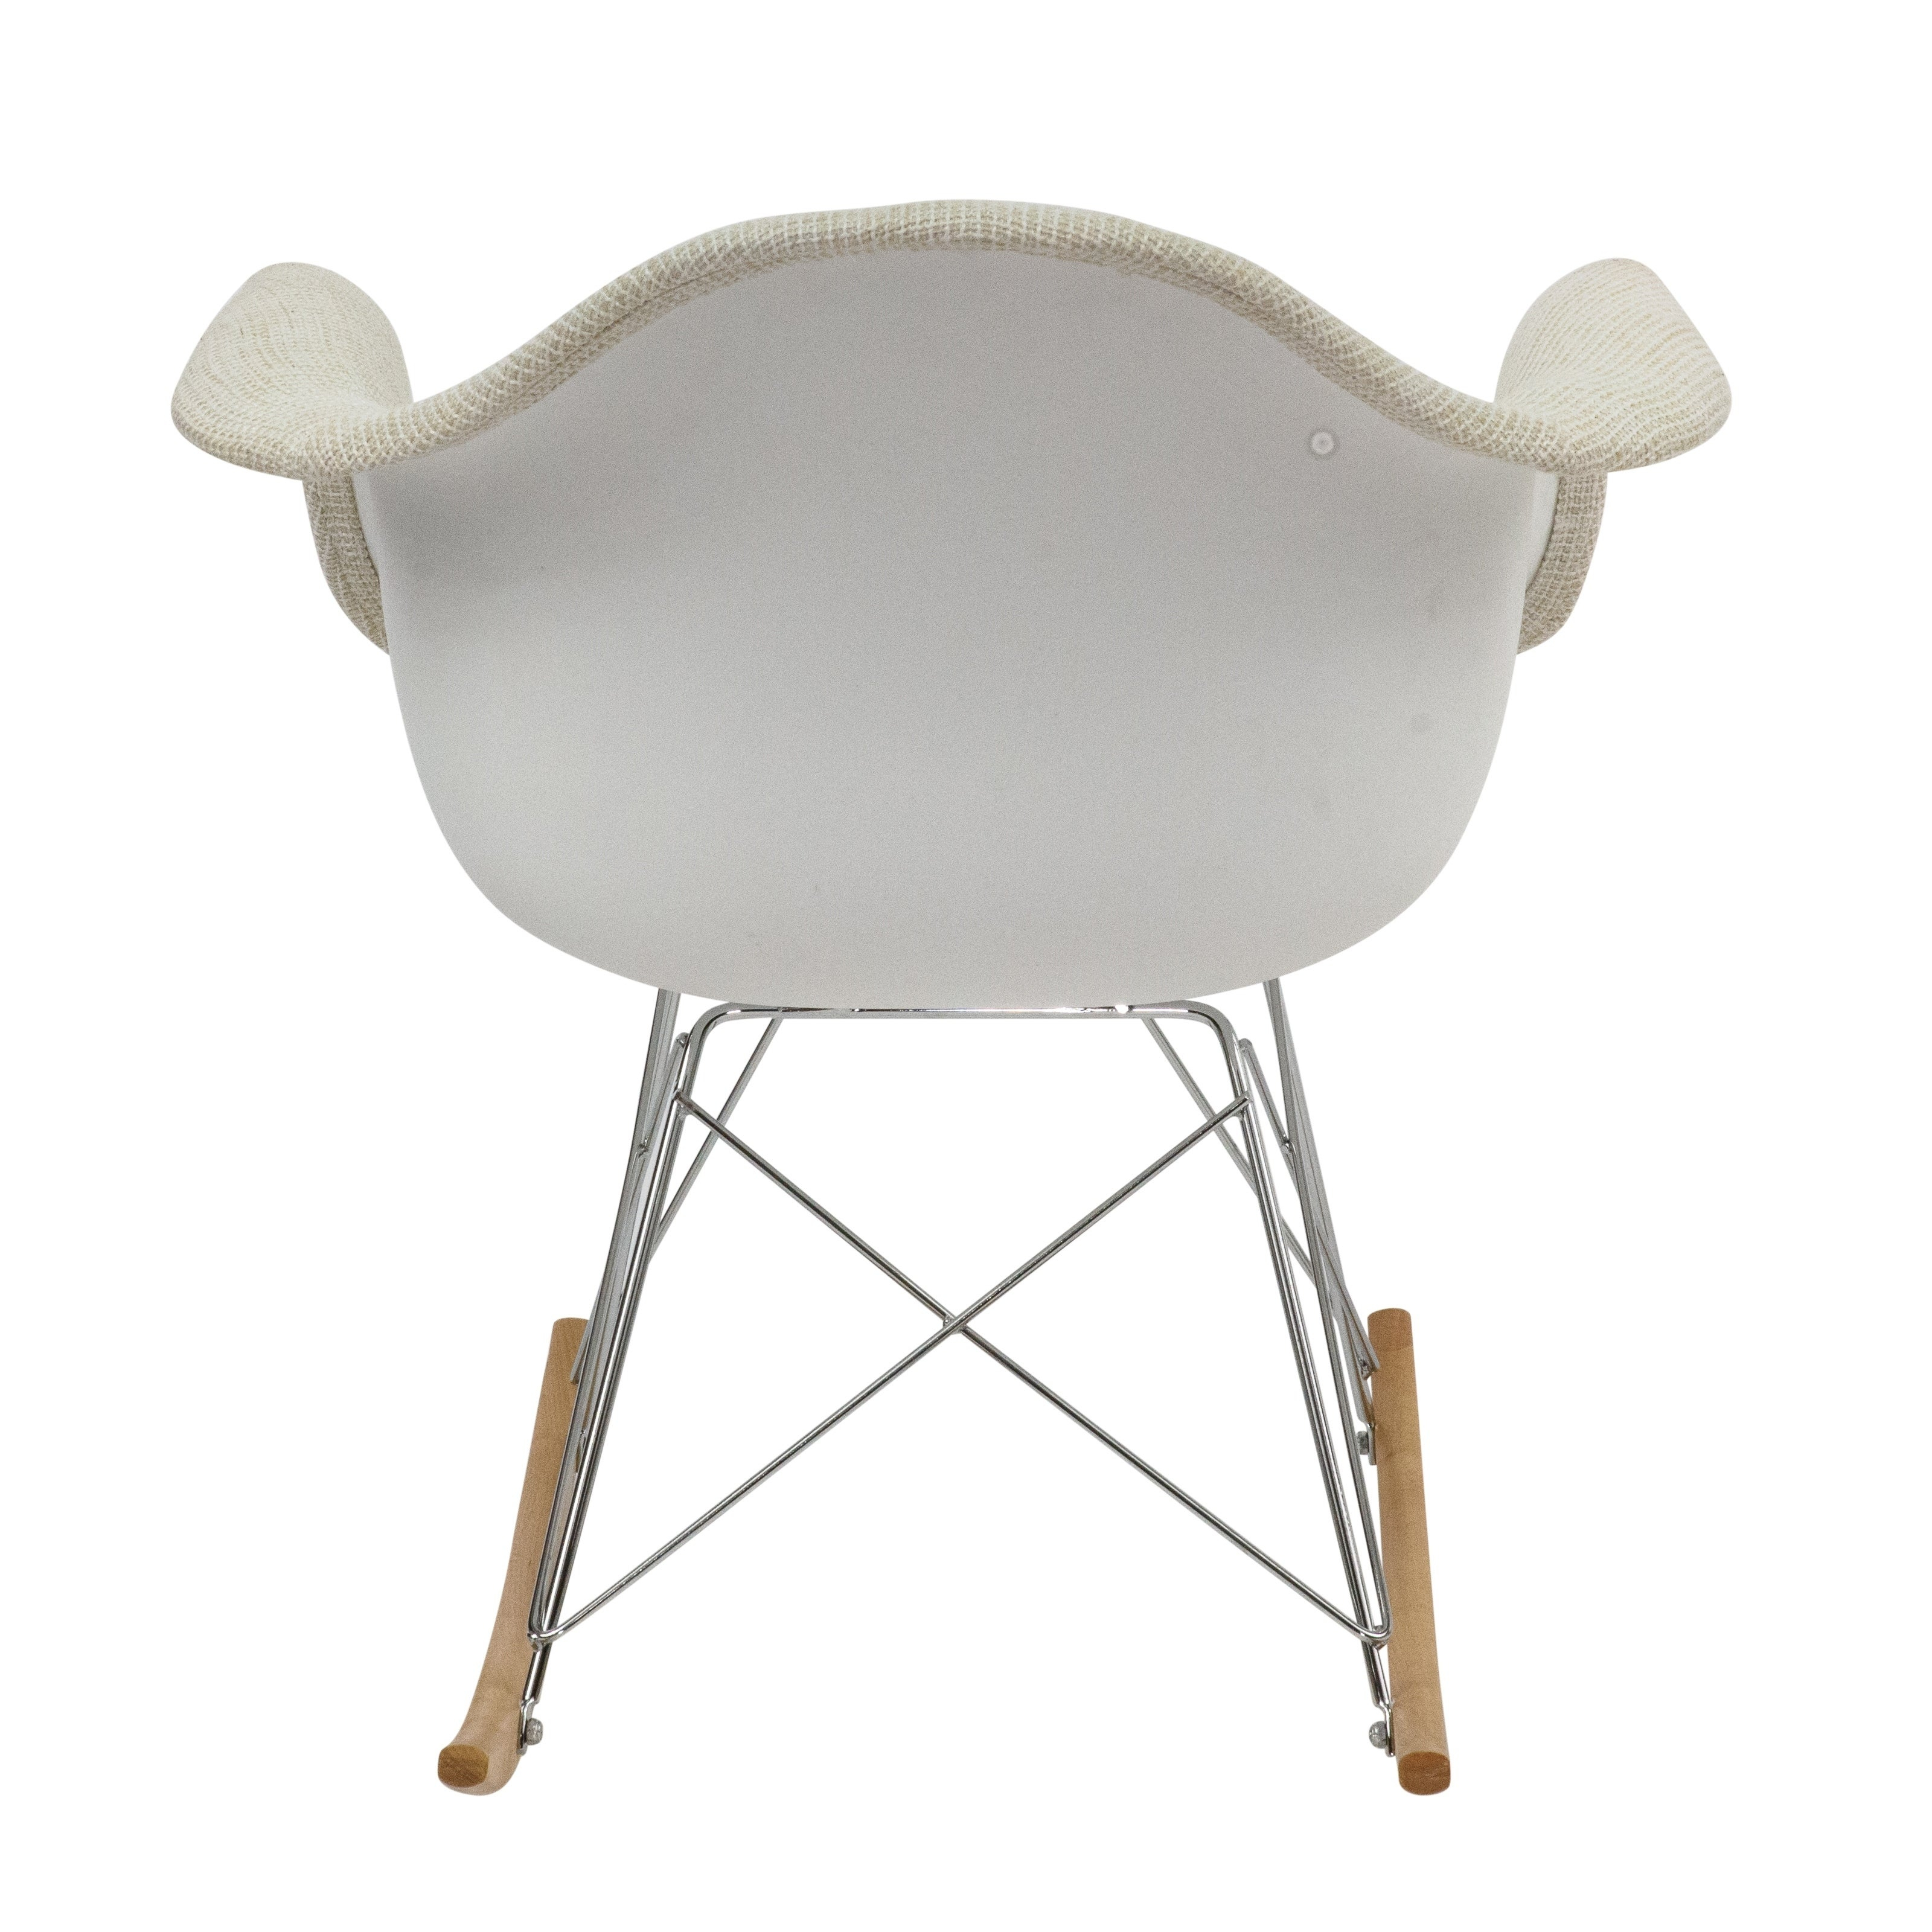 Leisuremod Wilson Twill Fabric Beige Rocking Chair W/ Eiffel Legs With Twill Fabric Beige Rocking Chairs With Eiffel Legs (View 4 of 20)